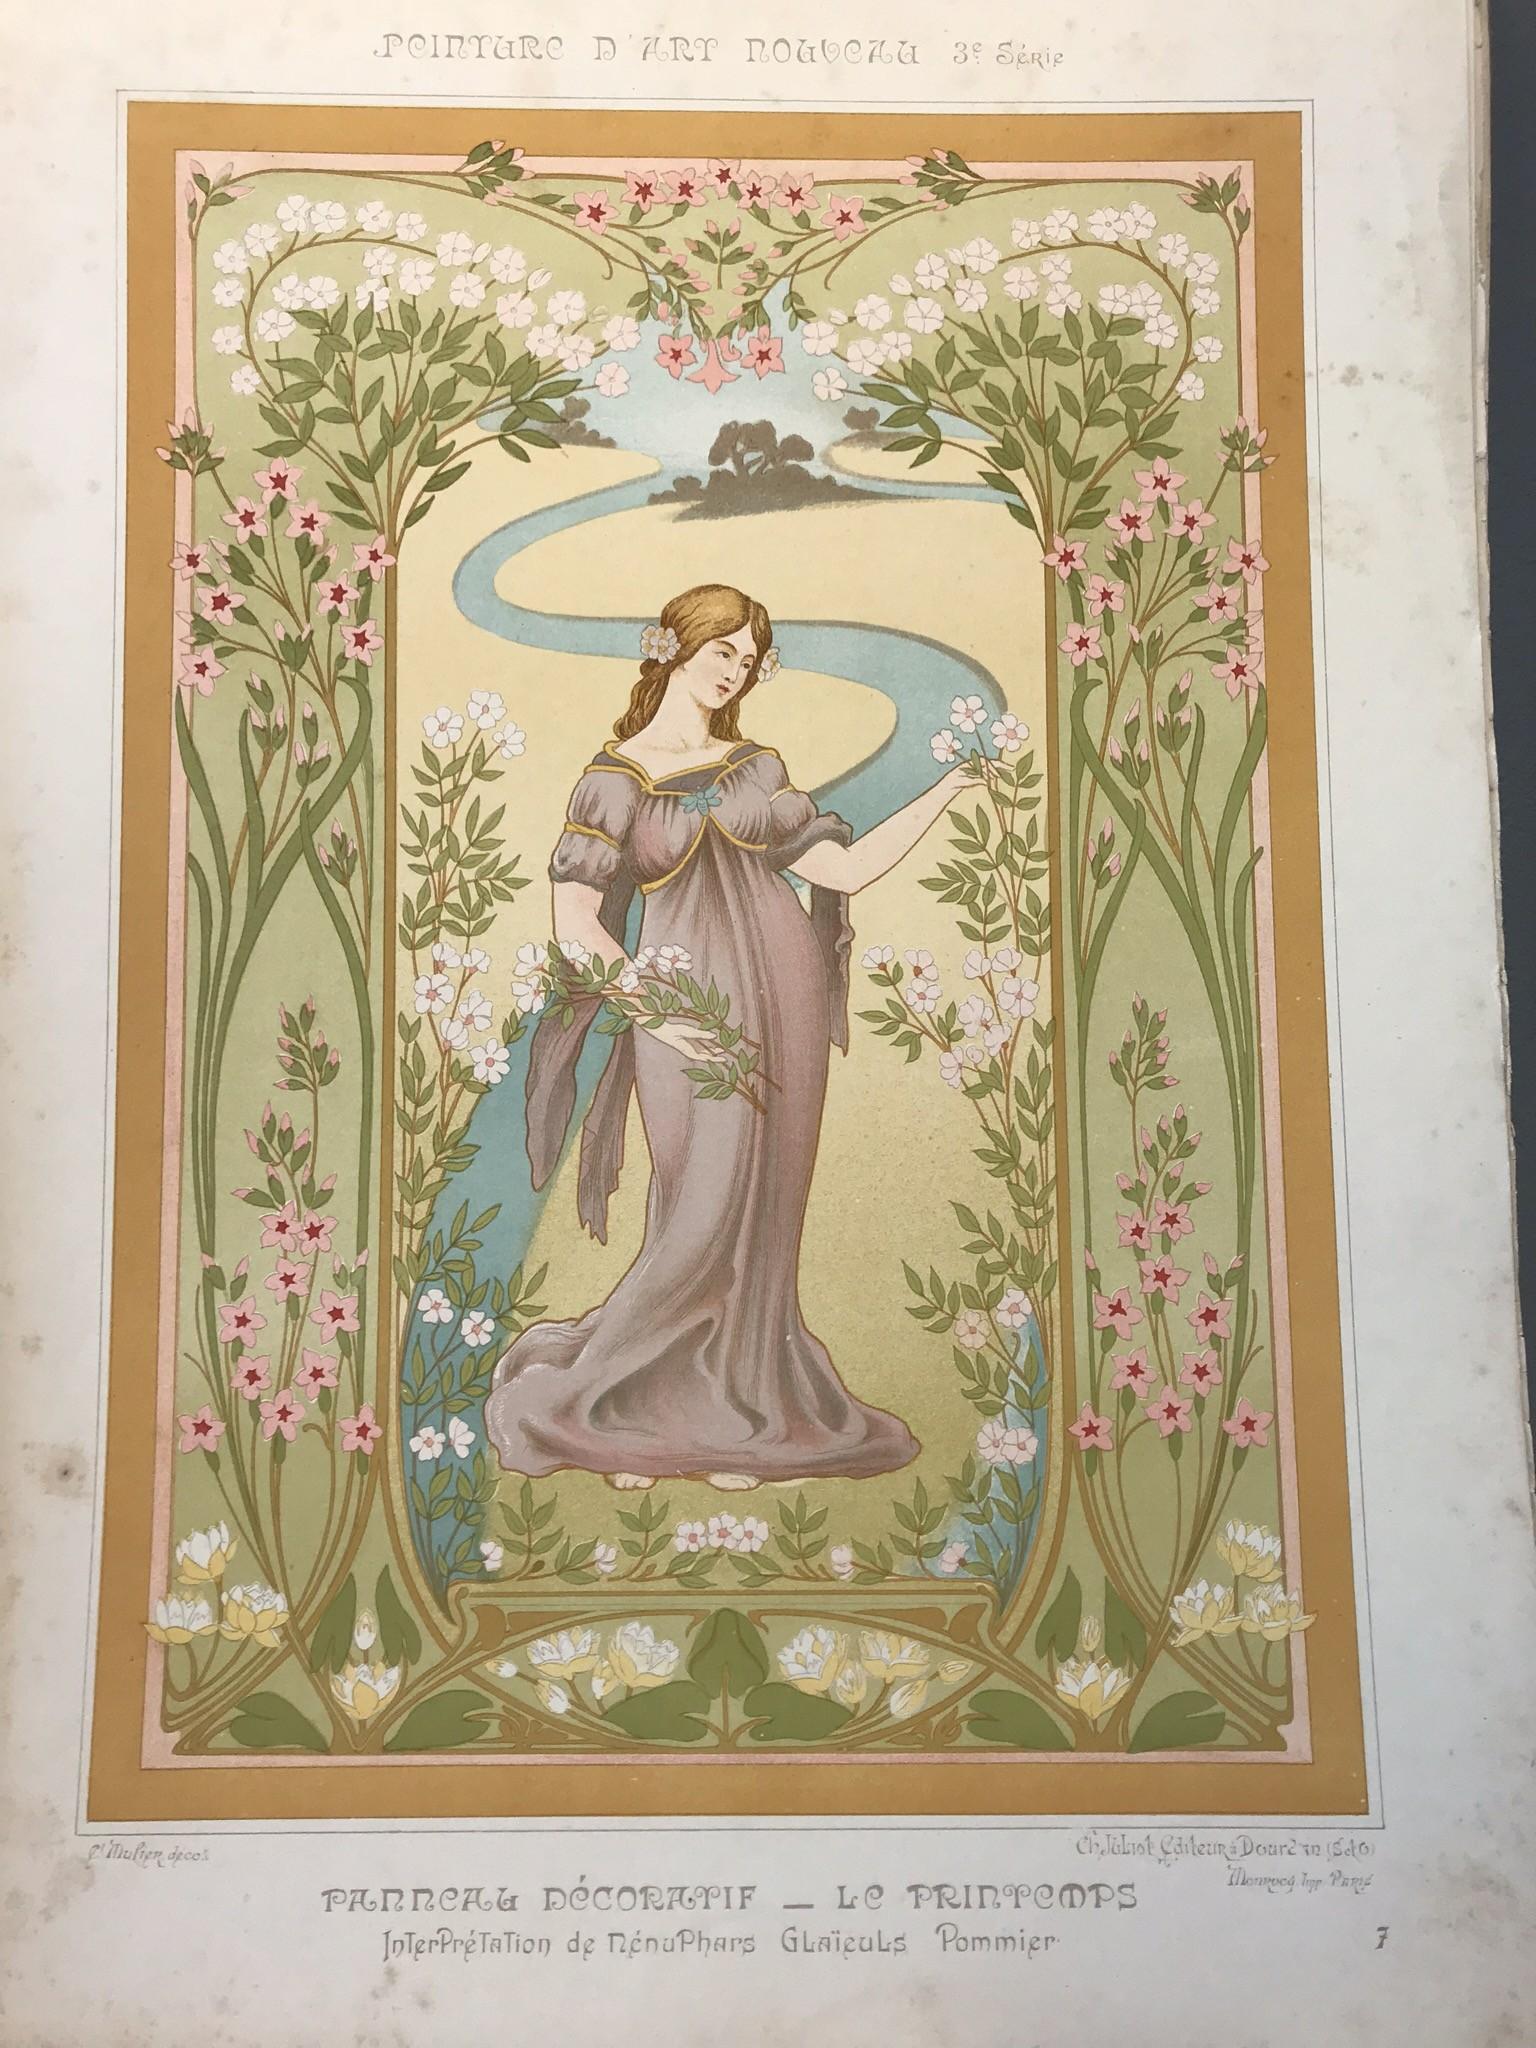 Peinture d'art nouveau, décorations murales et plafonds ...